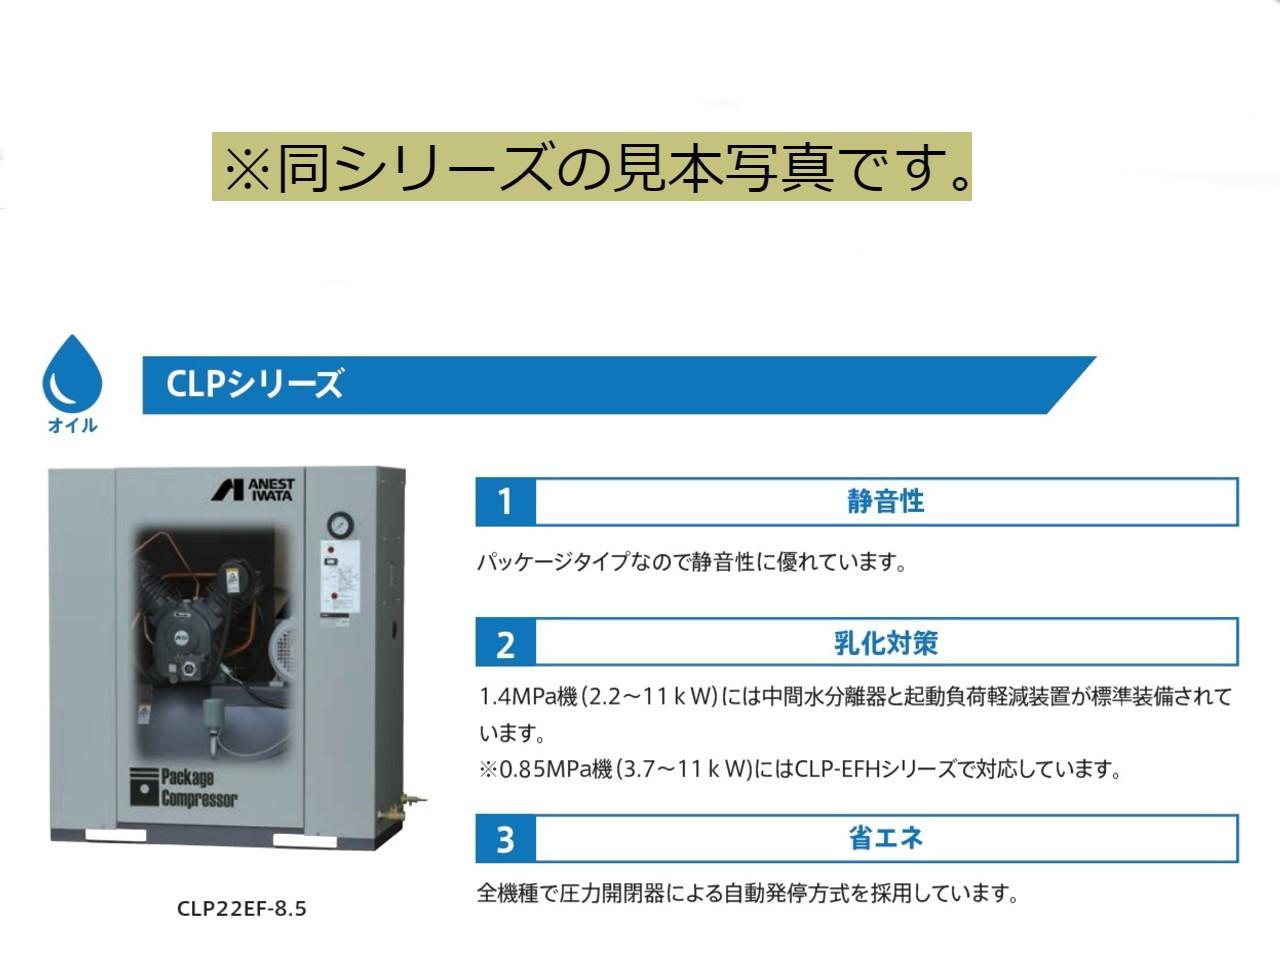 CLP37EF-8.5DM6カタログ見本写真